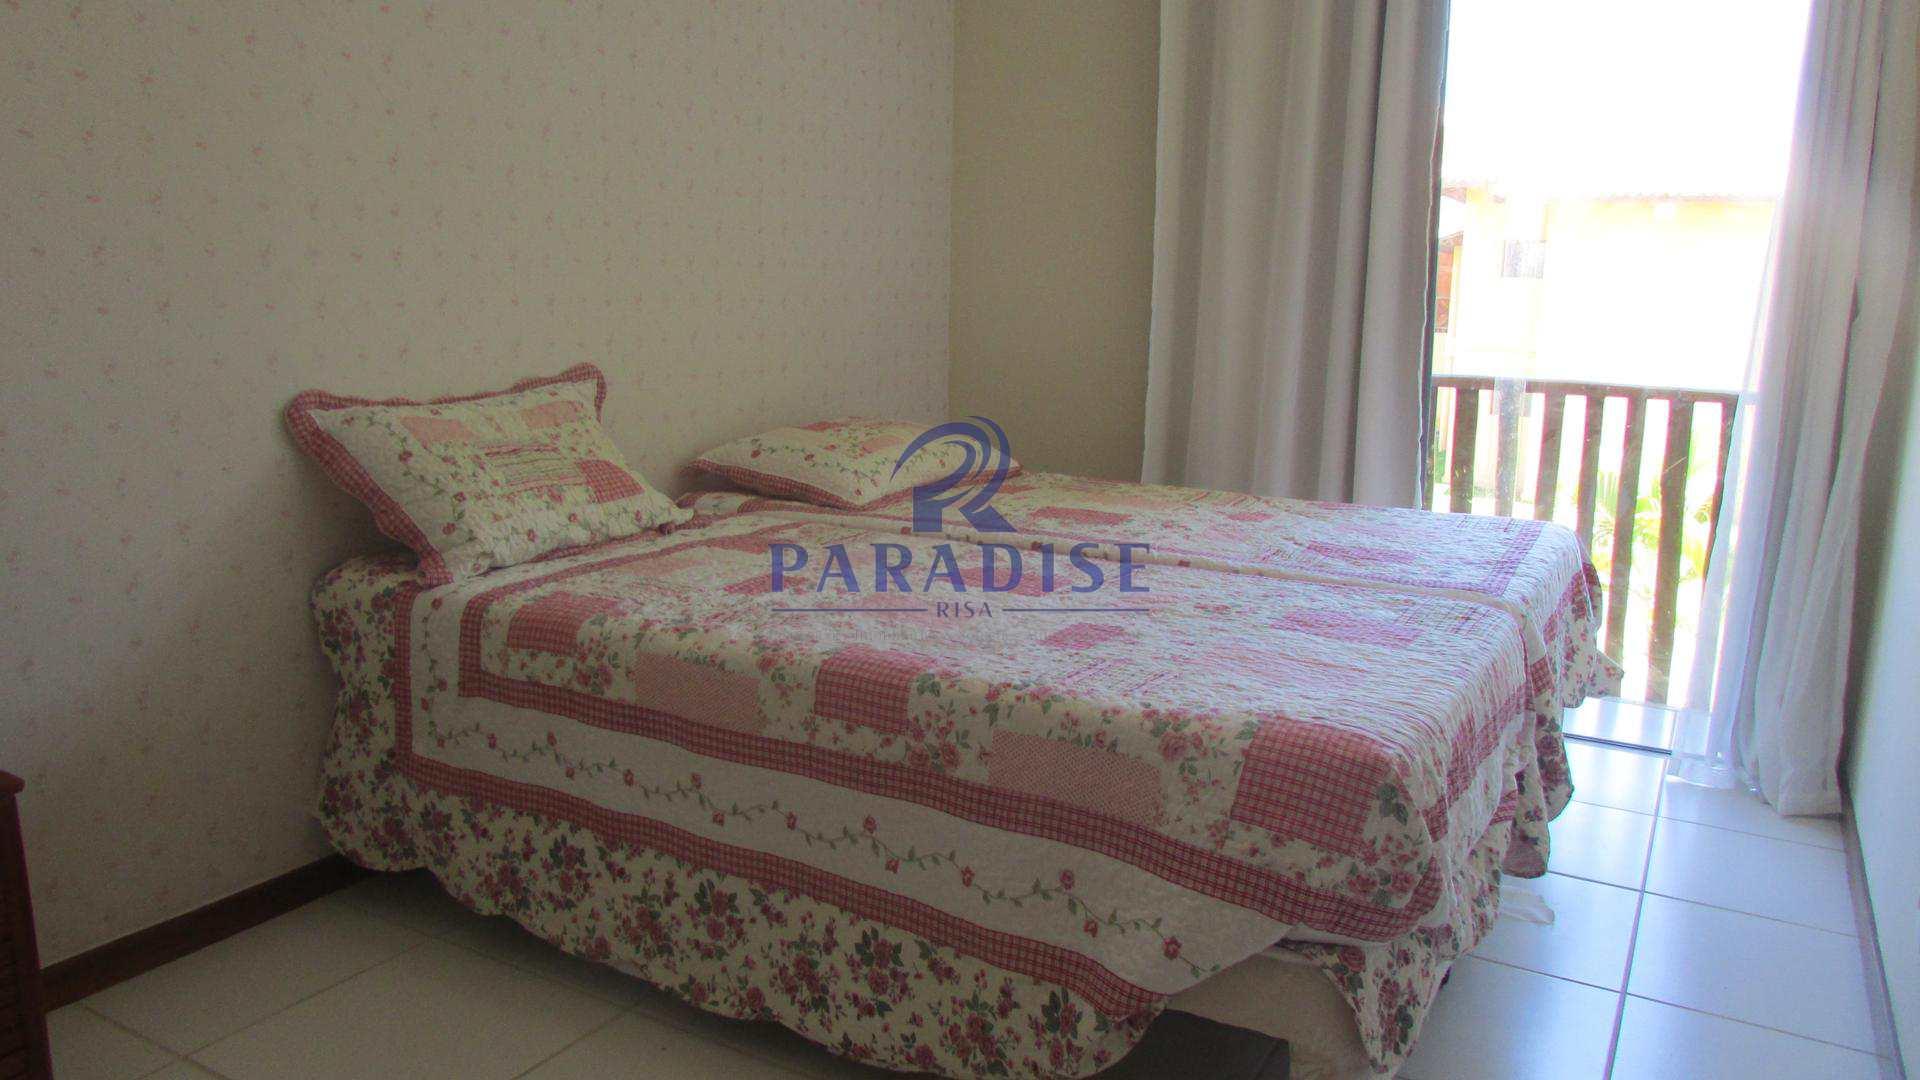 Apartamento com 3 dorms, Itacimirim, Itacimirim (Camaçari) - R$ 430 mil, Cod: 67400